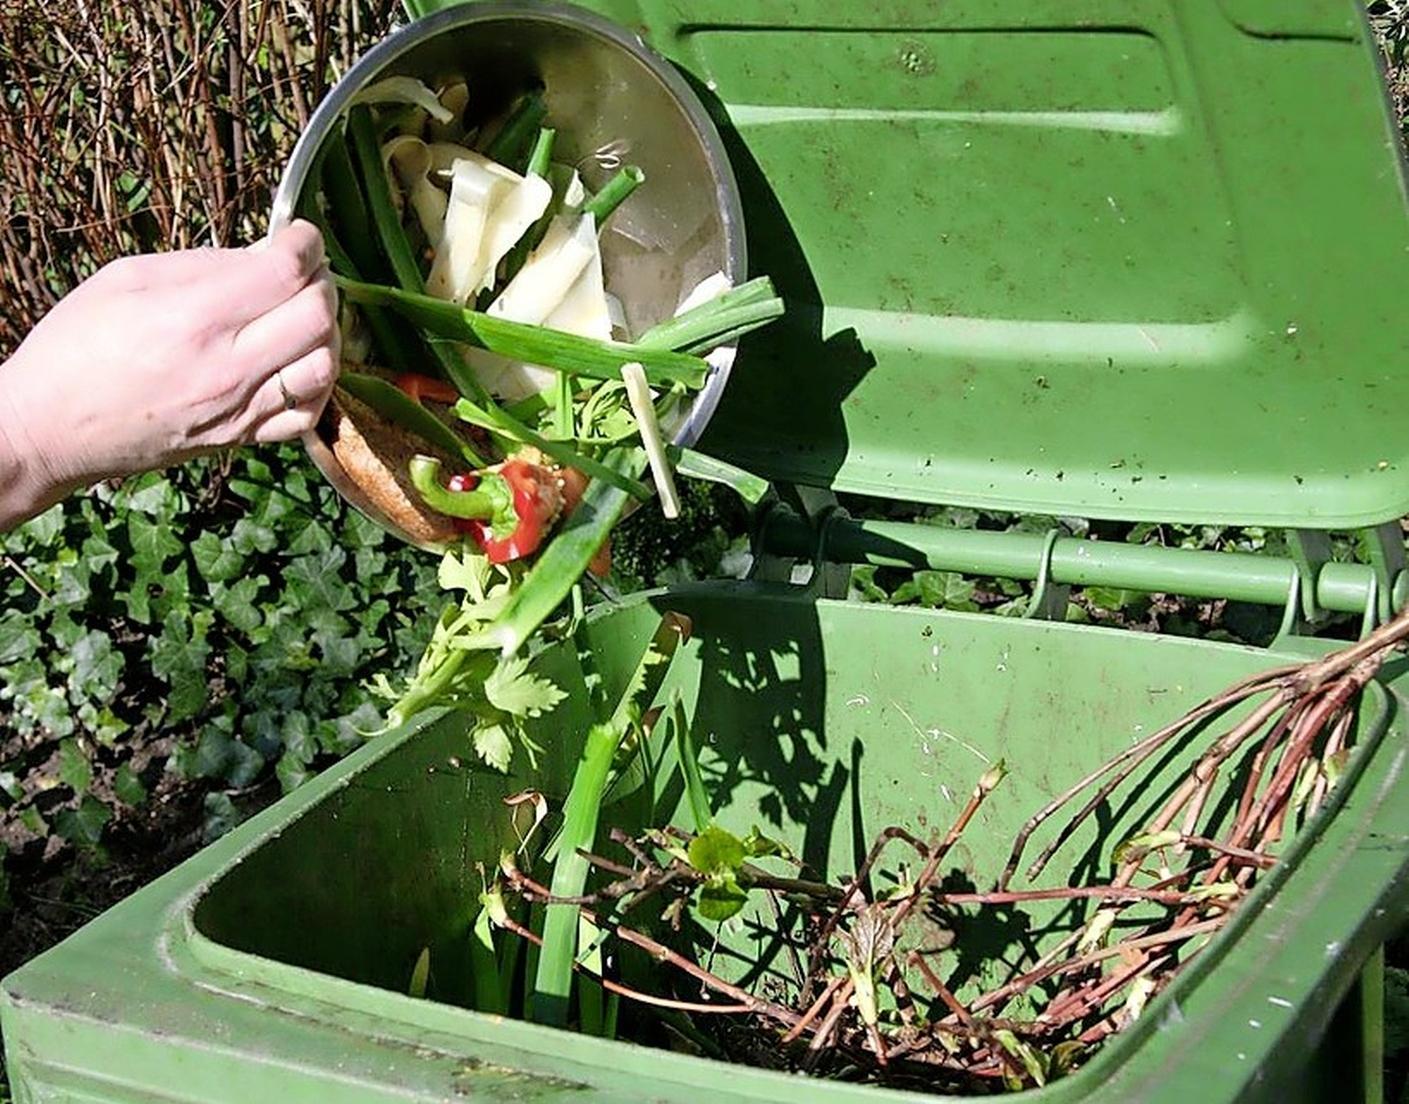 Campagne voor betere afvalscheiding Heemstede, veel te veel GFT bij restafval